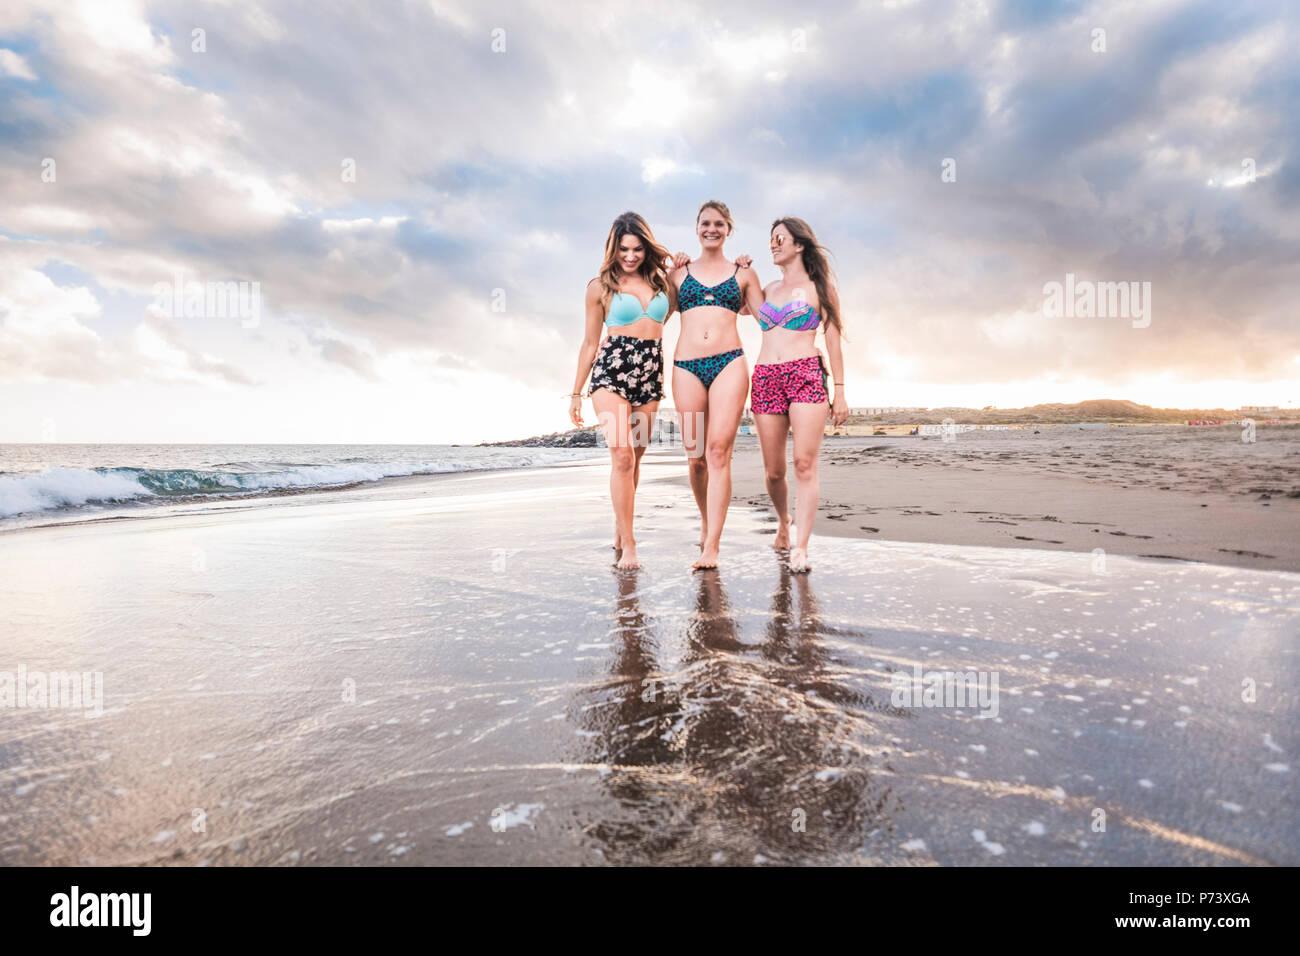 Drei fröhliche schöne Damen junge Frauen wandern in Freundschaft und eine schöne Zeit zusammen haben. Ferienhäuser und kaukasischen Völker genießen. Glück, die ein Stockbild